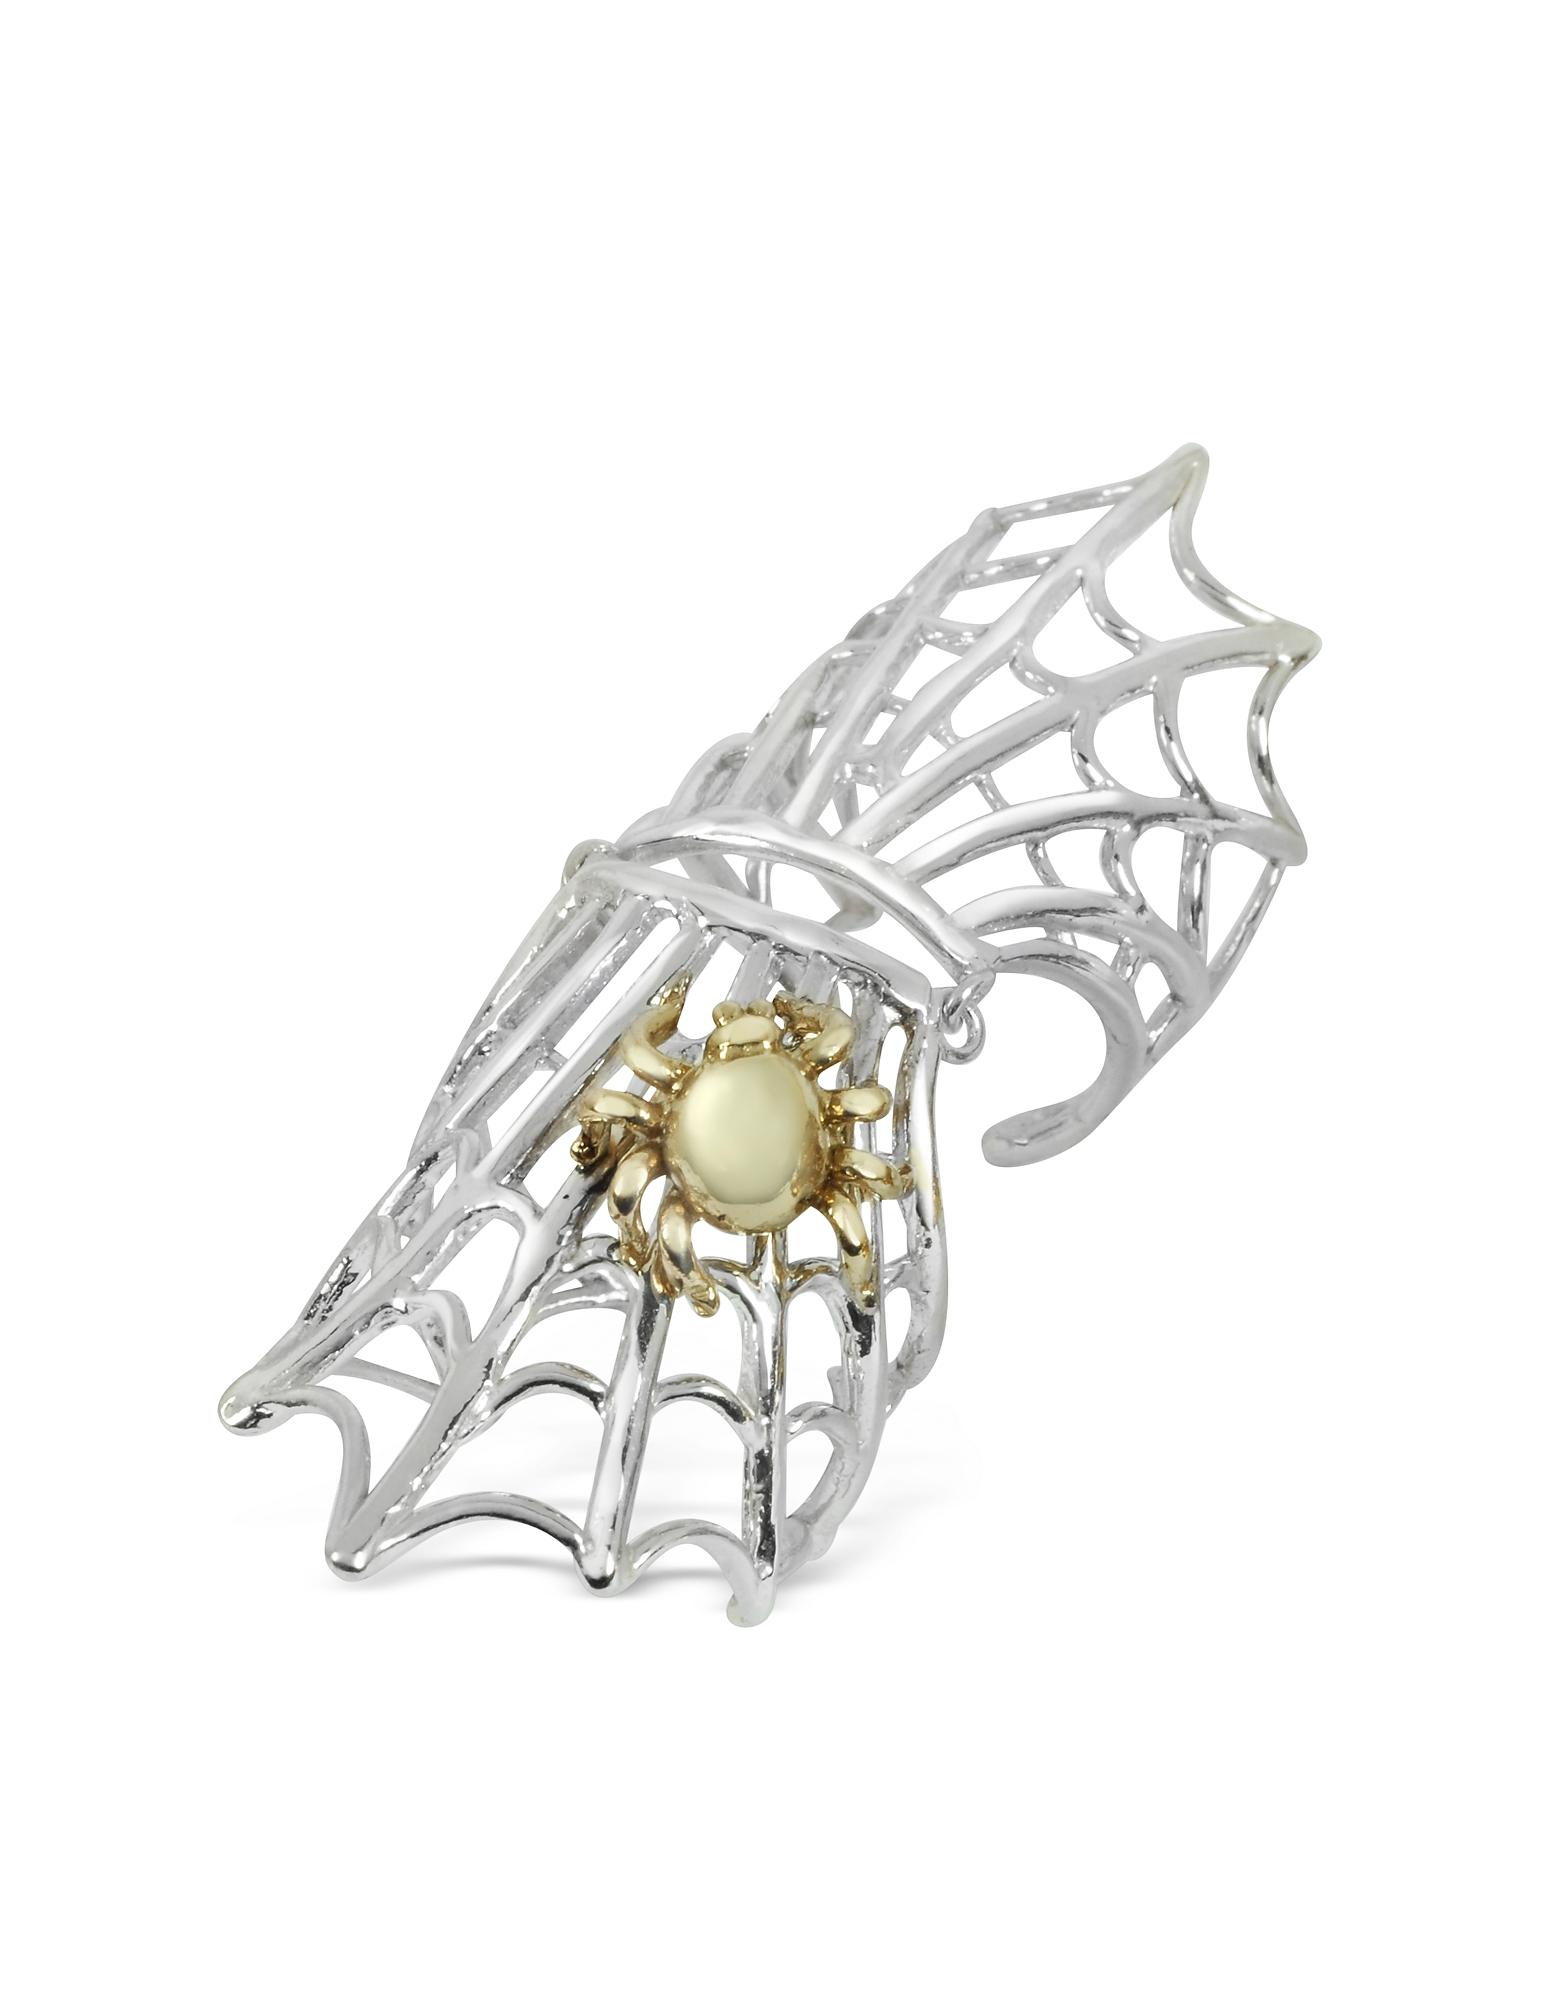 Spiderweb - Сочлененное Кольцо из Серебра и Бронзы